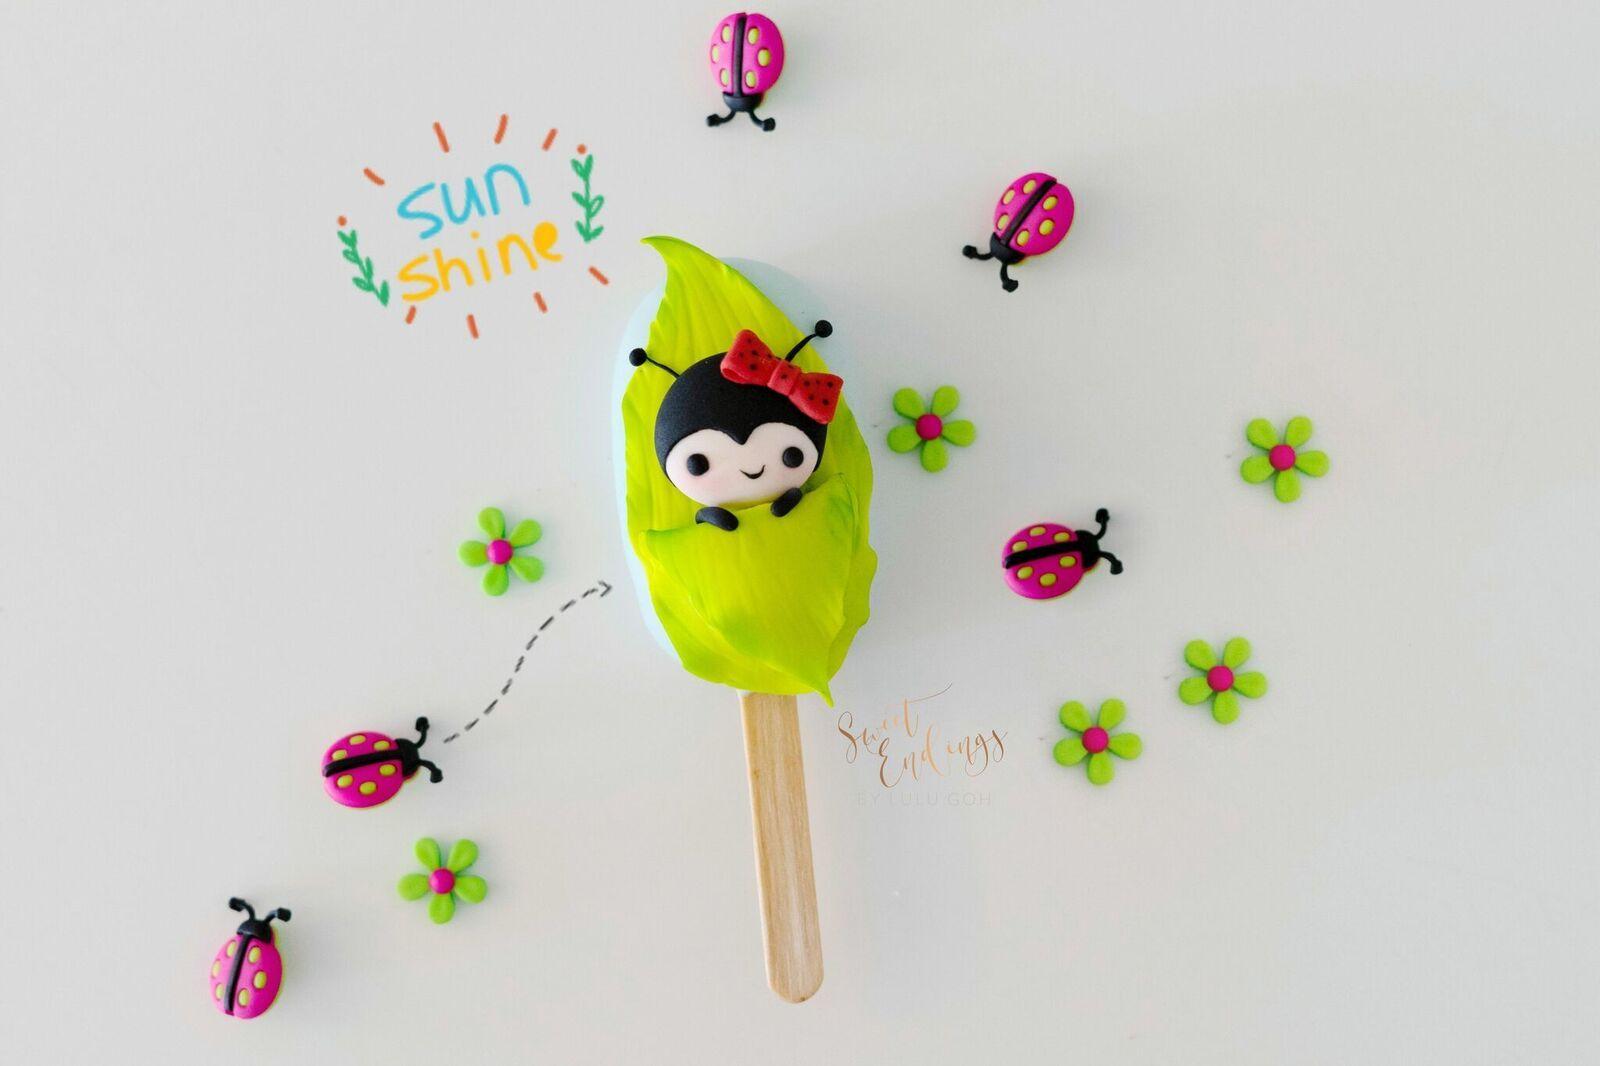 ladybug cakesicle with fondant